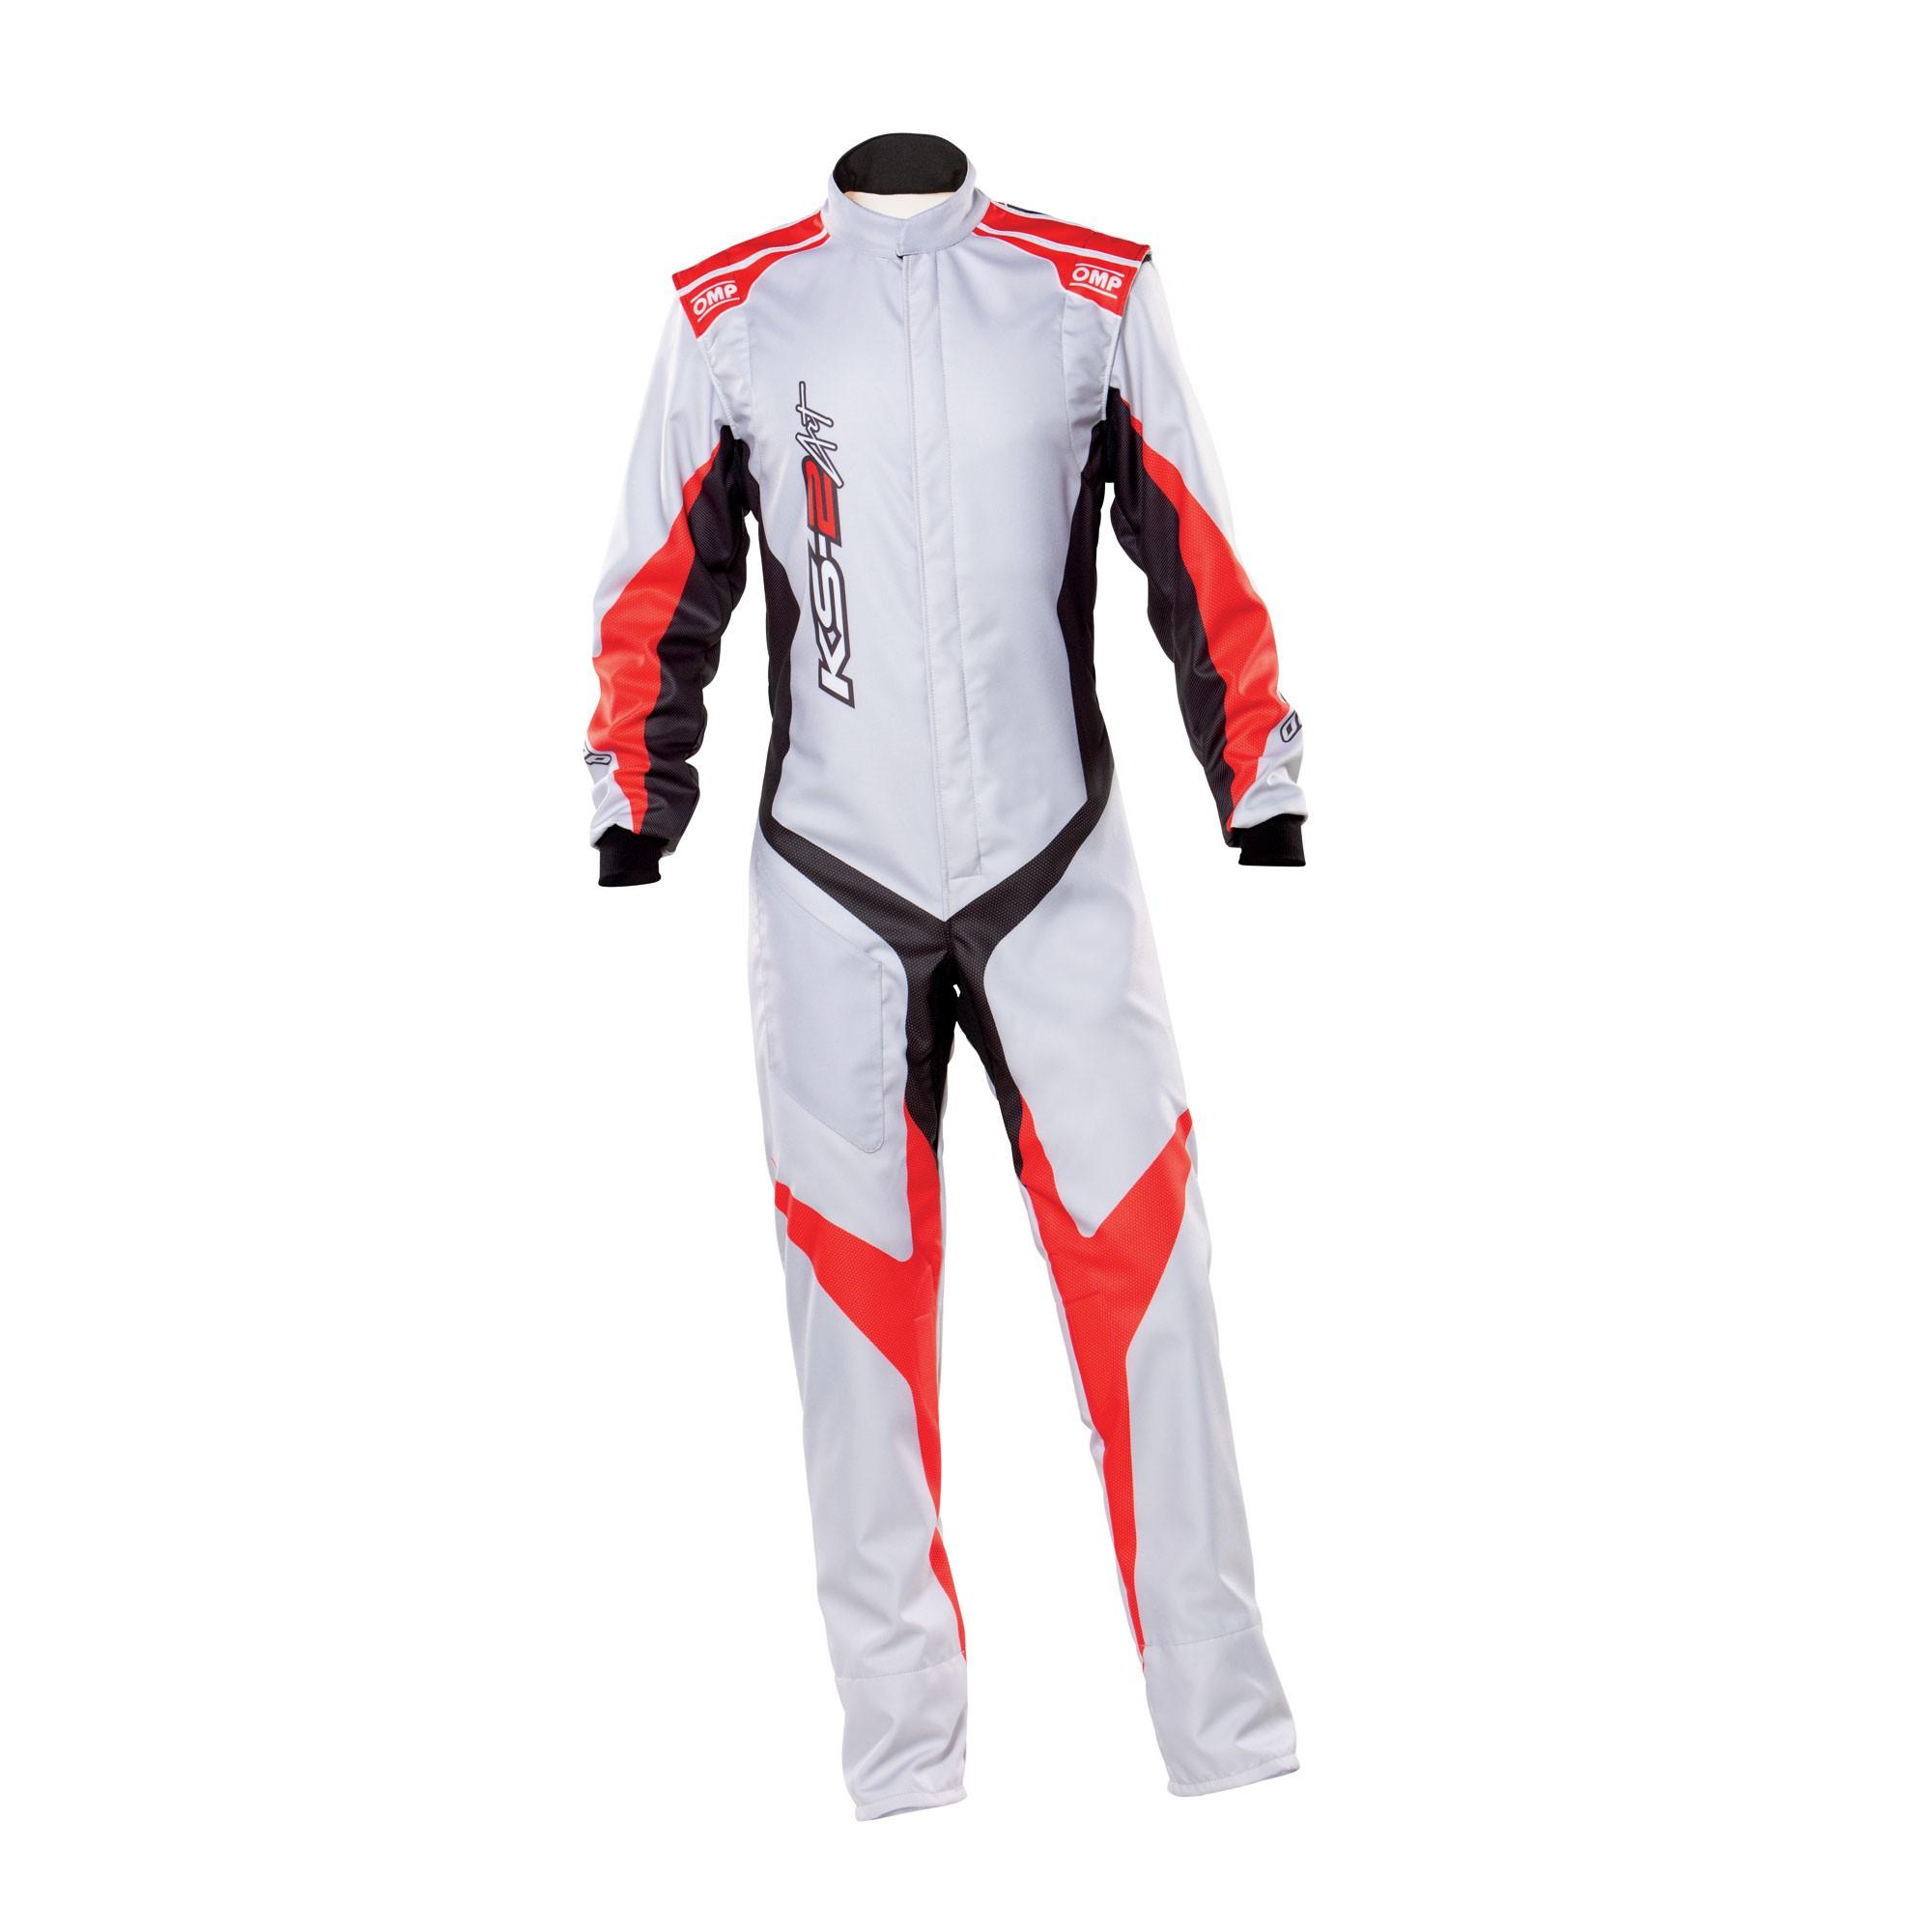 KS-2 ART Suit